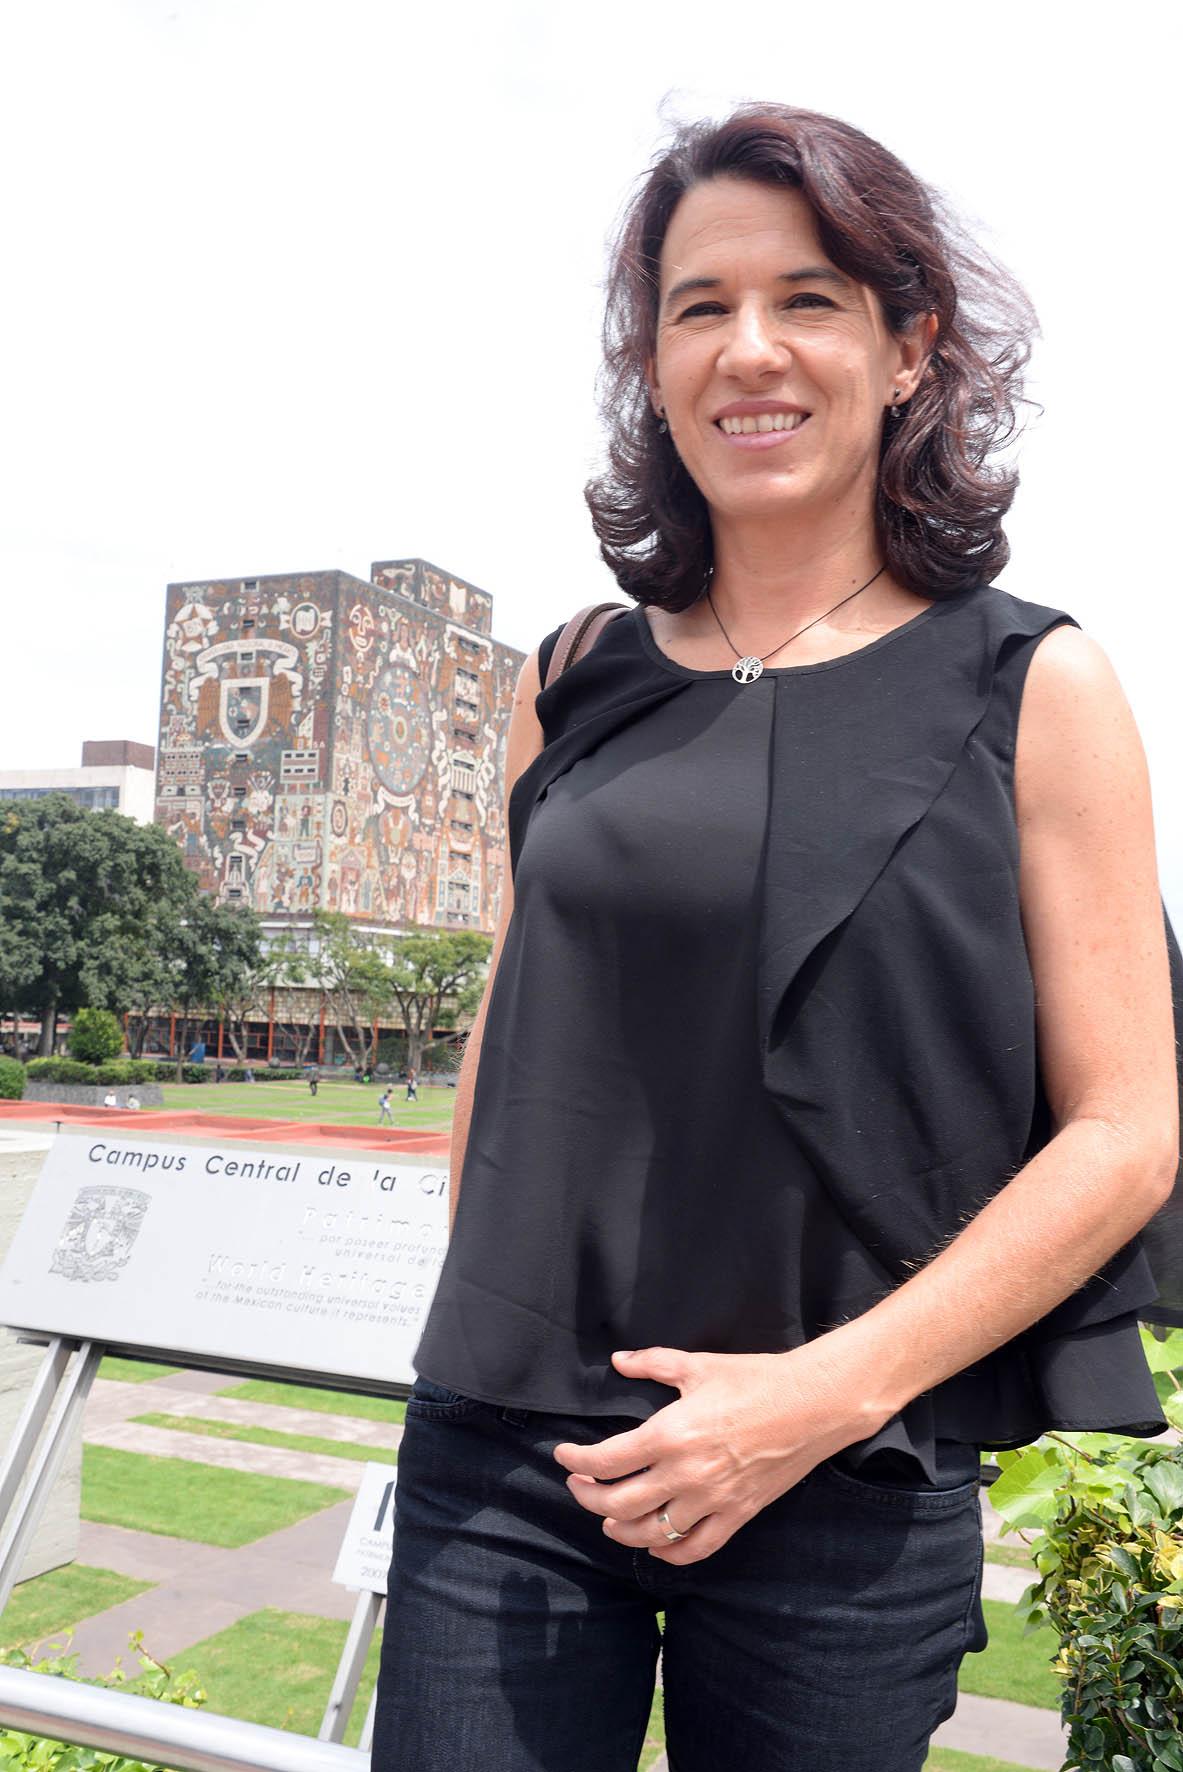 PROYECTO DE LA UNAM DE PARQUE HÍDRICO GANA MEDALLA DE ORO EN CONCURSO INTERNACIONAL